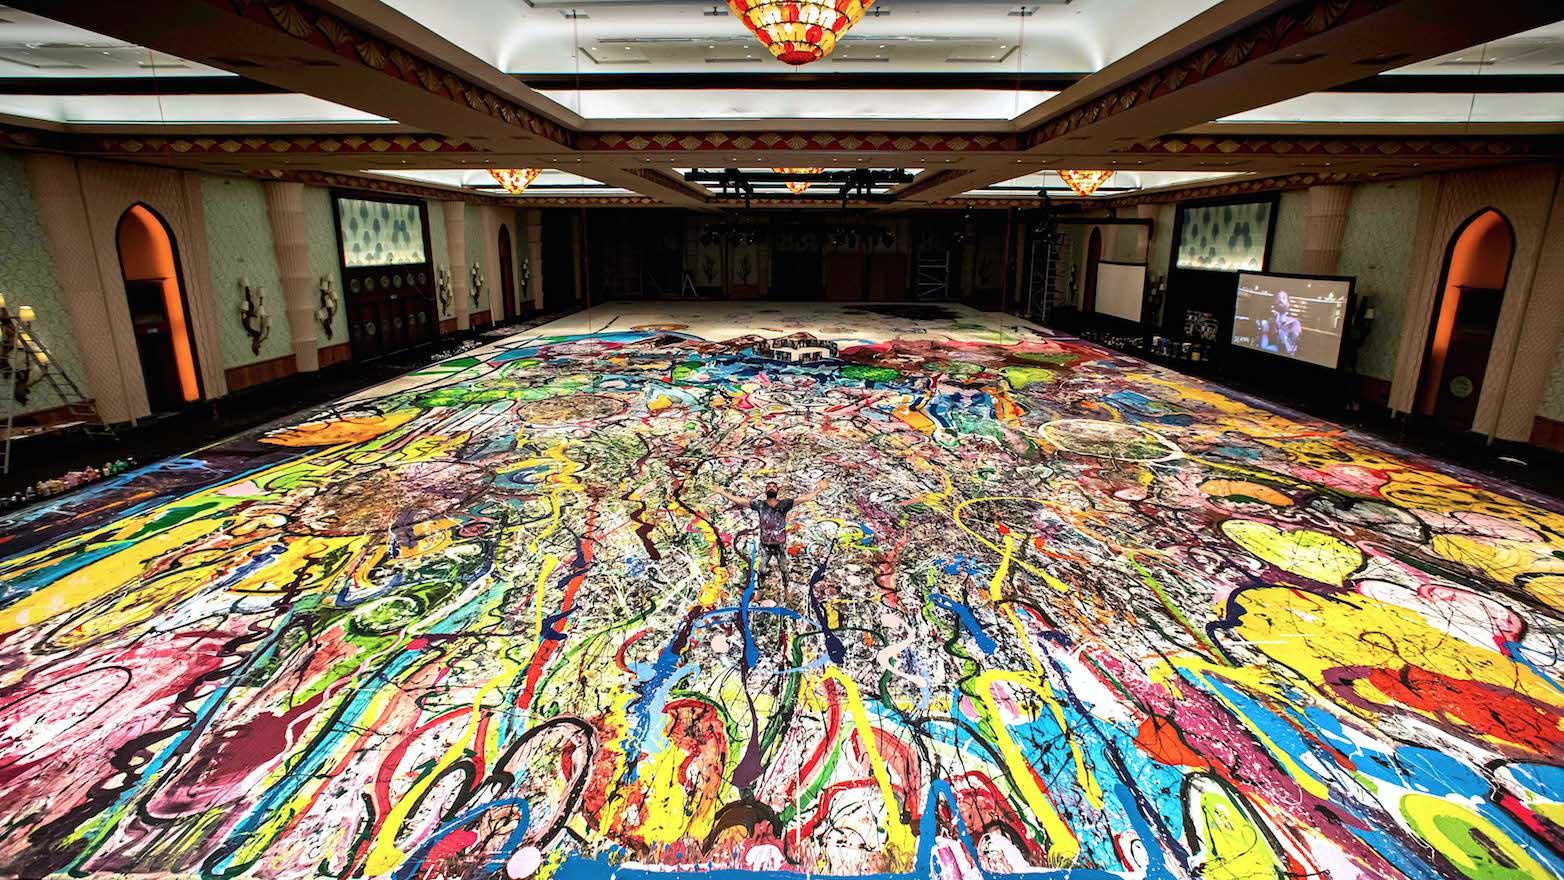 62 milioni di dollari. Venduto a Dubai il dipinto più grande del mondo, 1600 metri quadrati